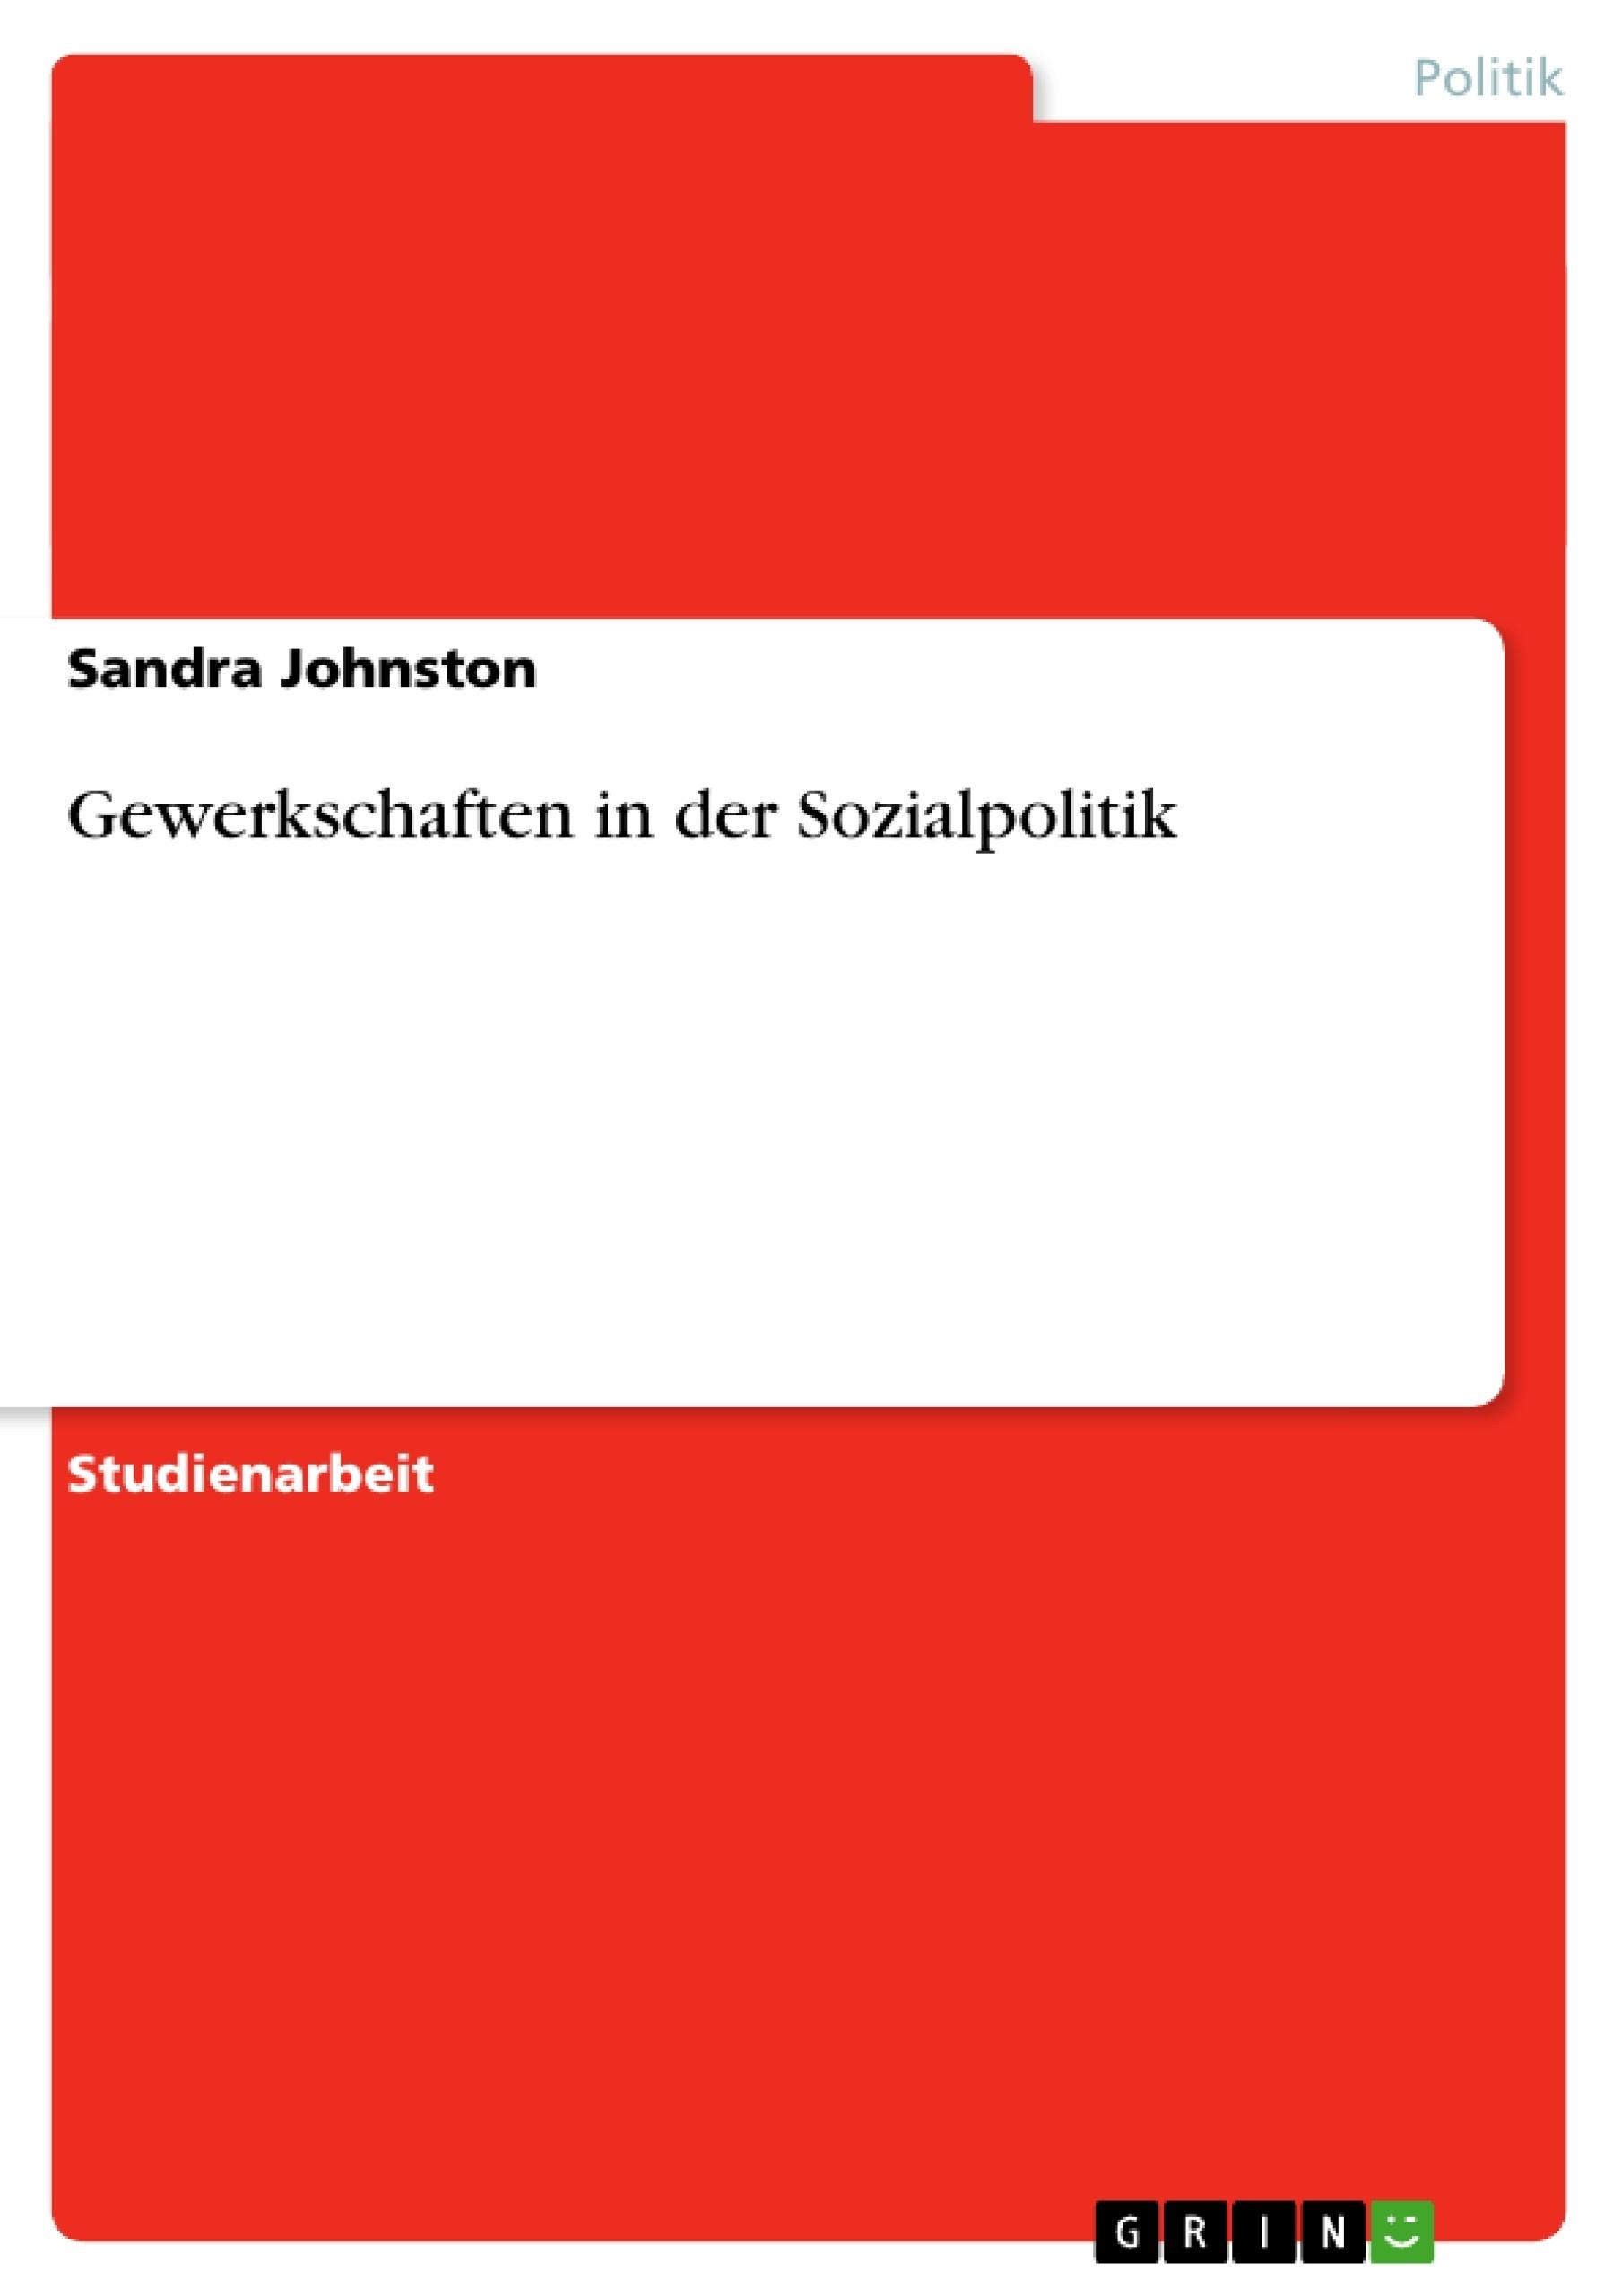 Titel: Gewerkschaften in der Sozialpolitik